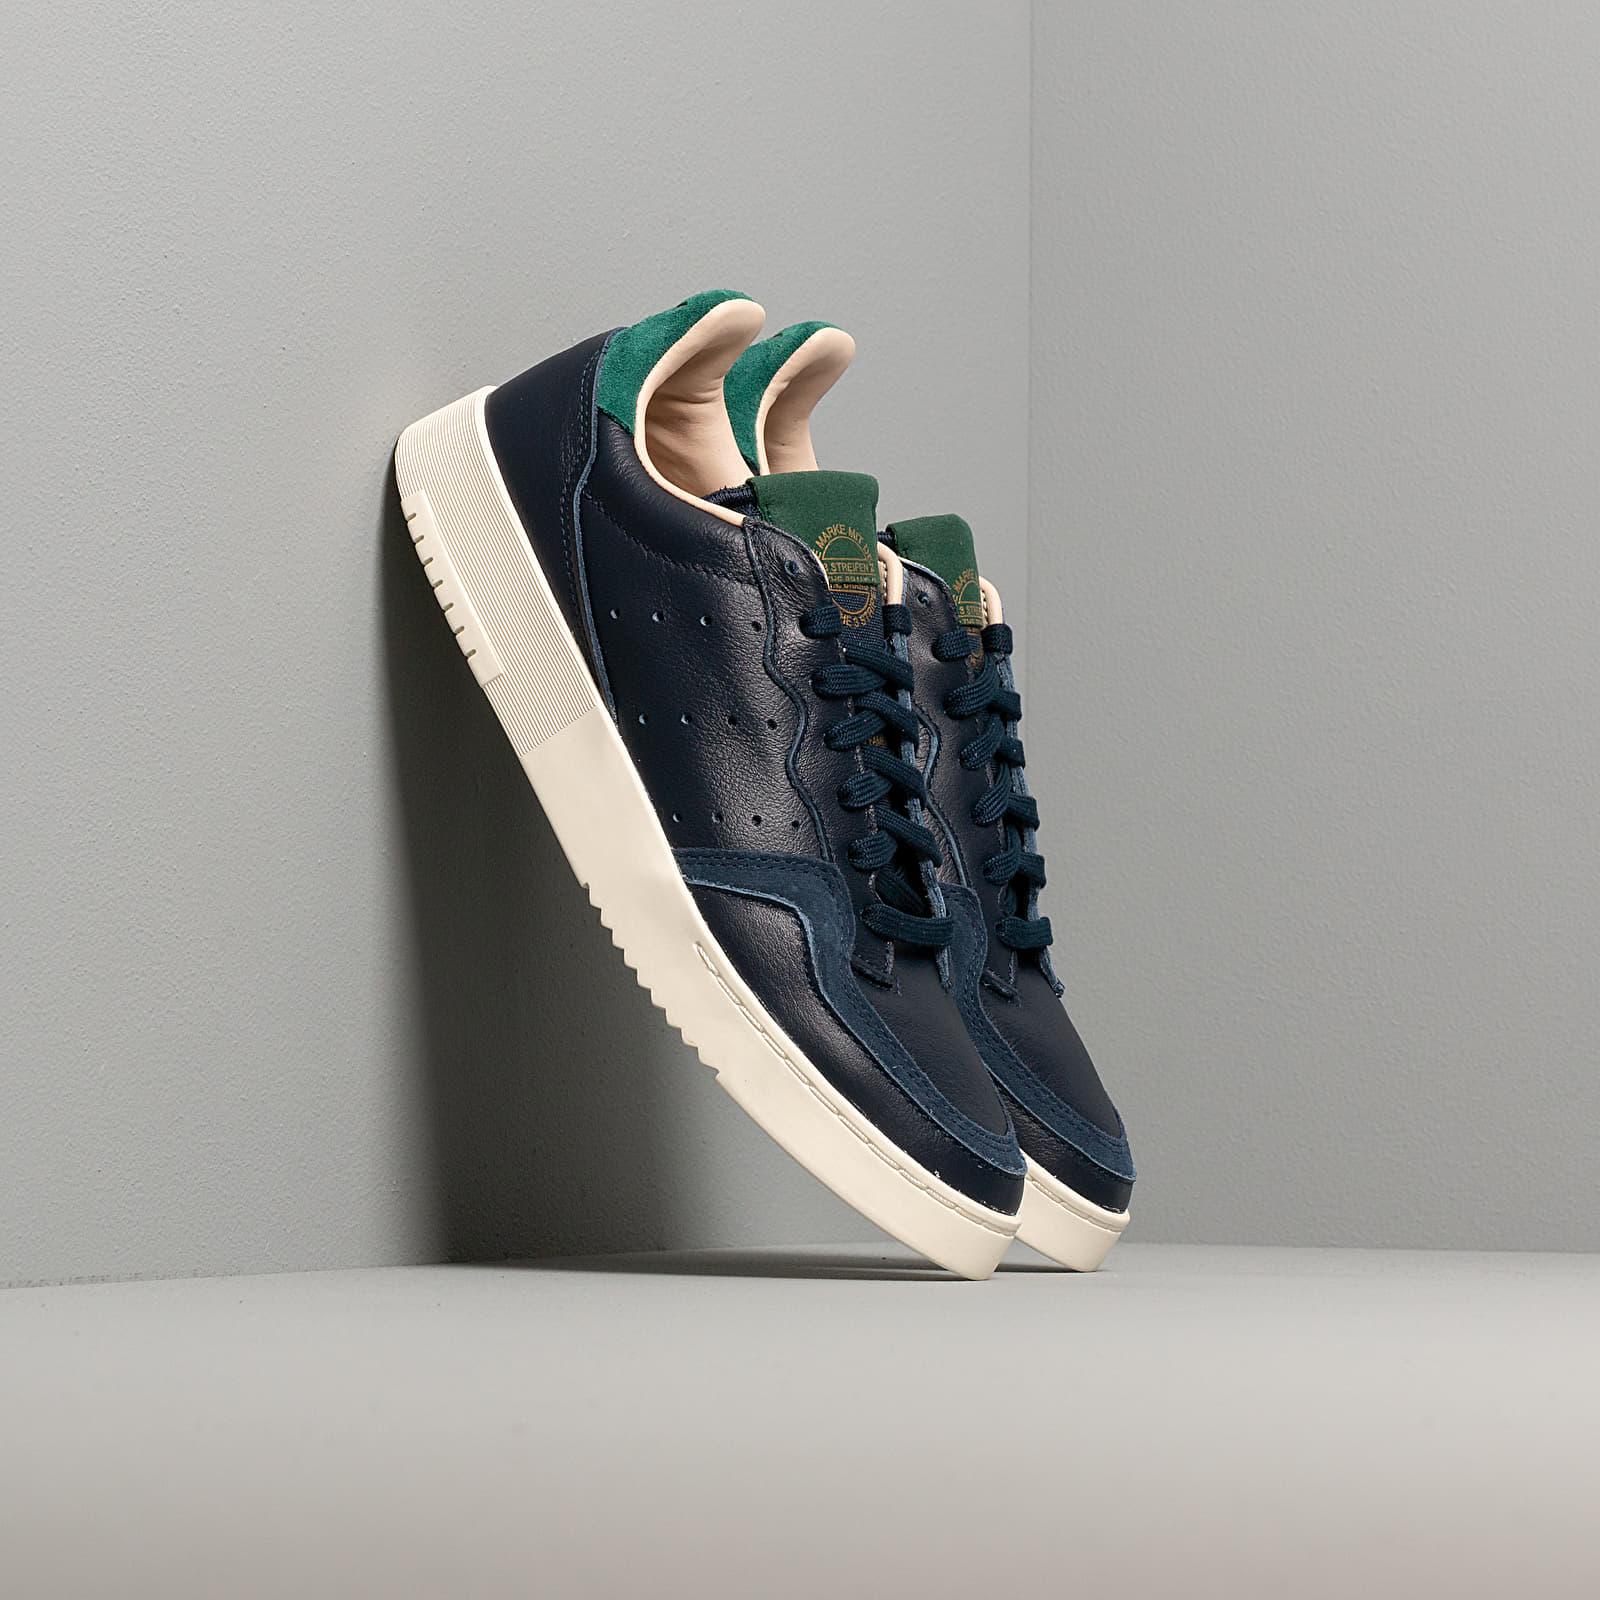 Ανδρικά παπούτσια adidas Supercourt Collegiate Navy/ Collegiate Navy/ Core Green